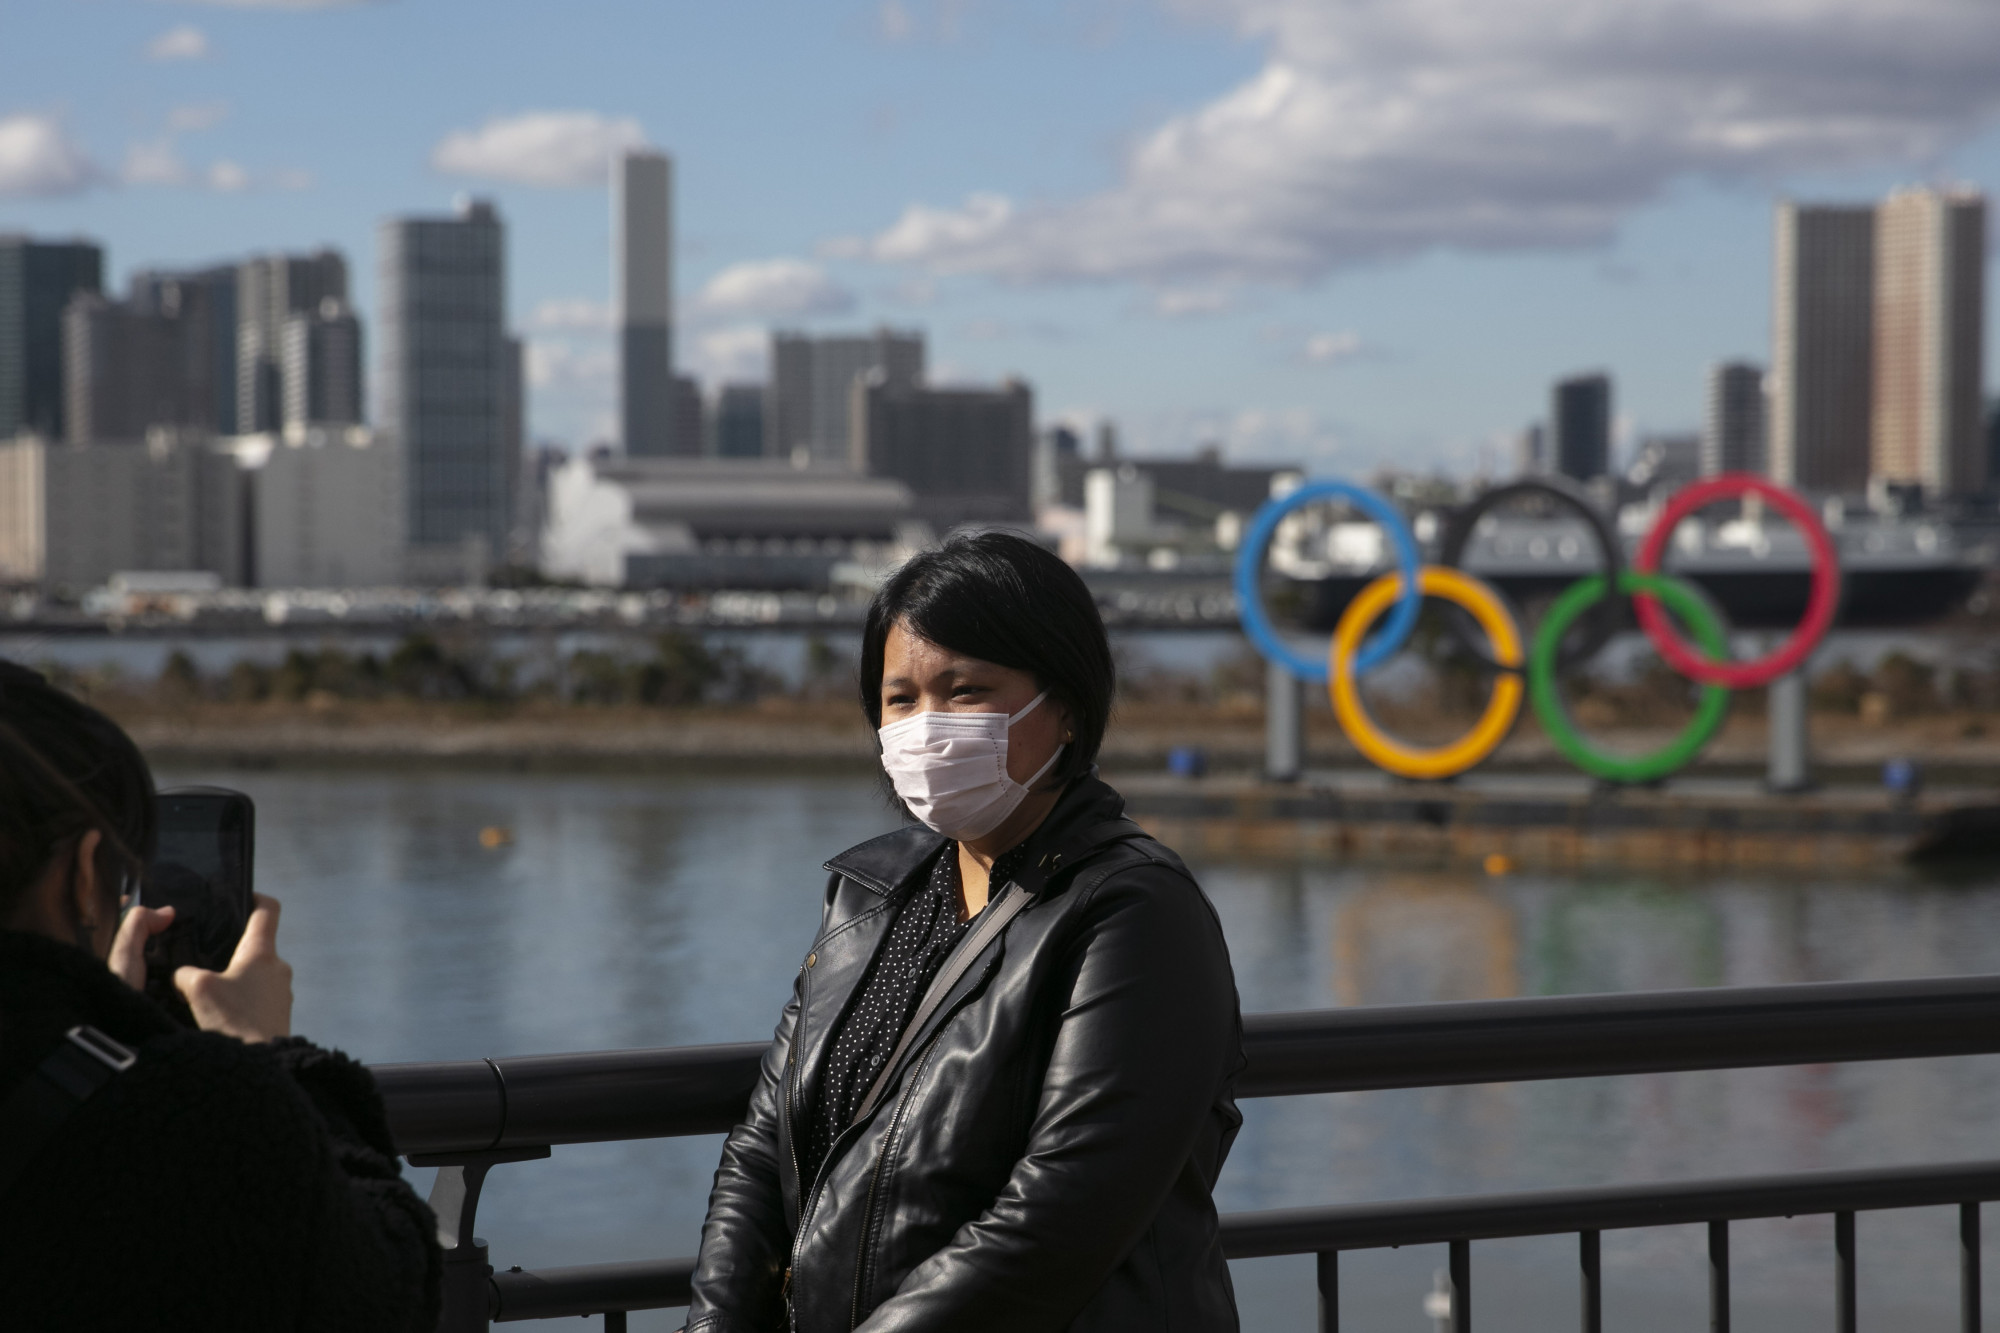 A tourist-Tokyo's Olympics 2020-Coronavirus Outbreak